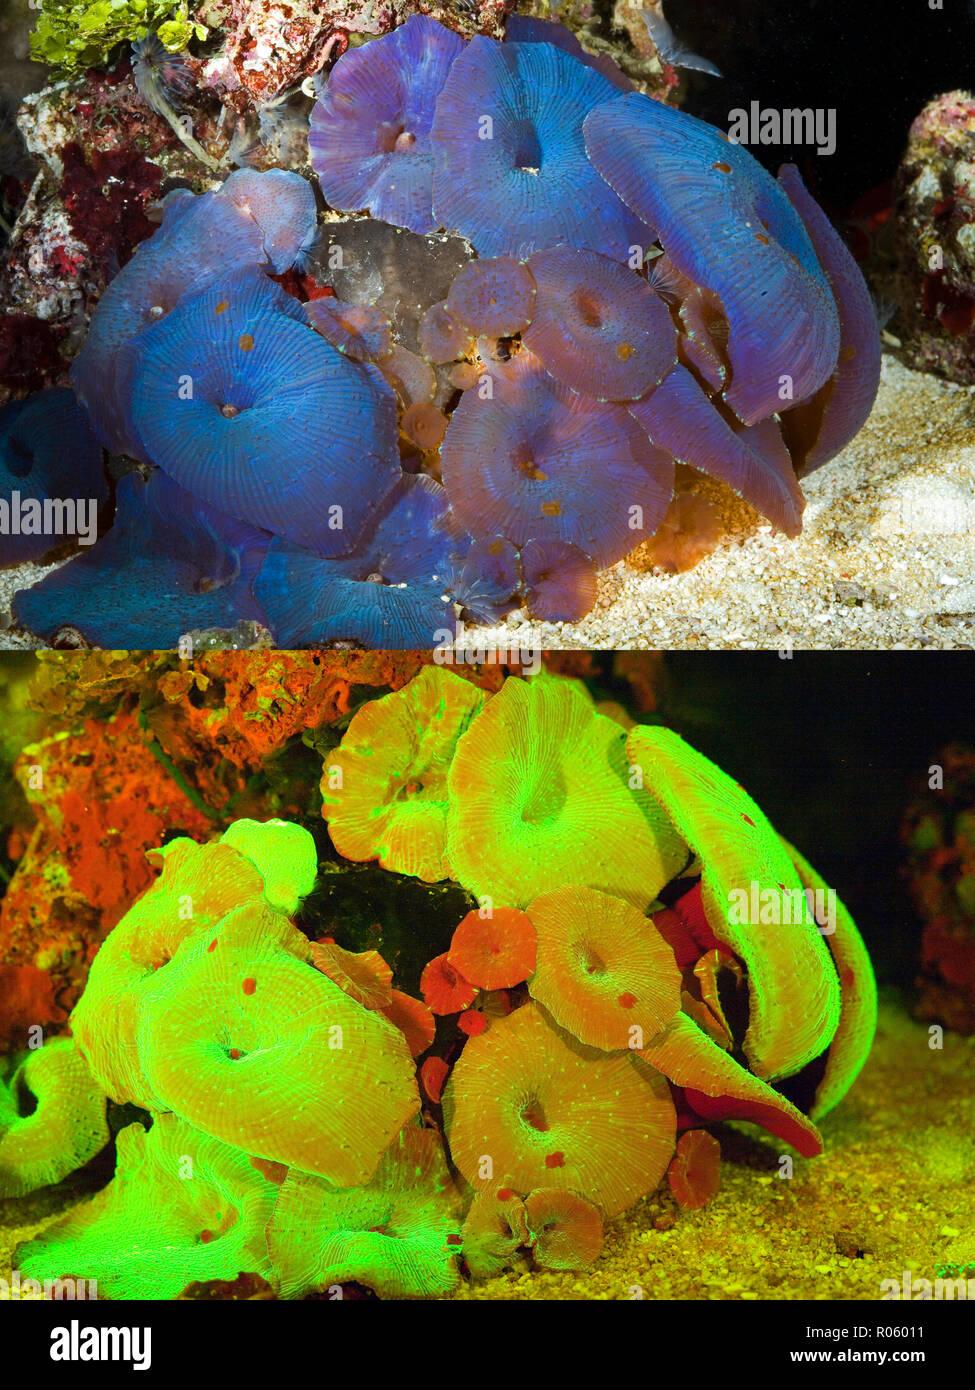 Anémone fluorescent. Anémone de champignons, Actinodiscus sp.. Photographié ci-dessus avec lumière du jour et ci-dessous montrant les couleurs fluorescentes photographiées sous Photo Stock